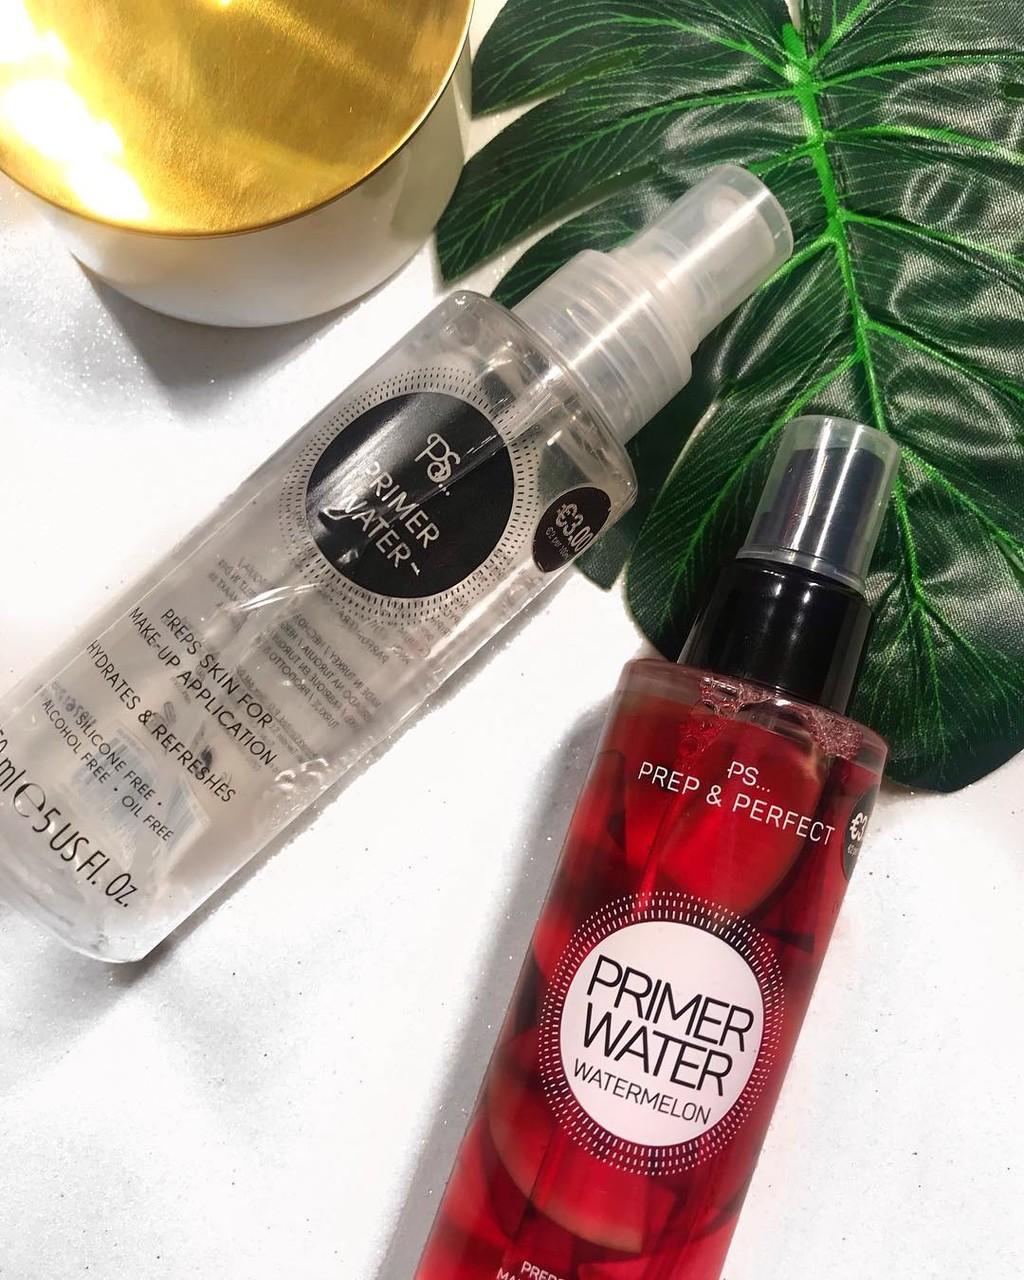 Sanidad revela la retirada de dos productos de maquillaje en spray de Primark por estar contaminados microbiológicamente